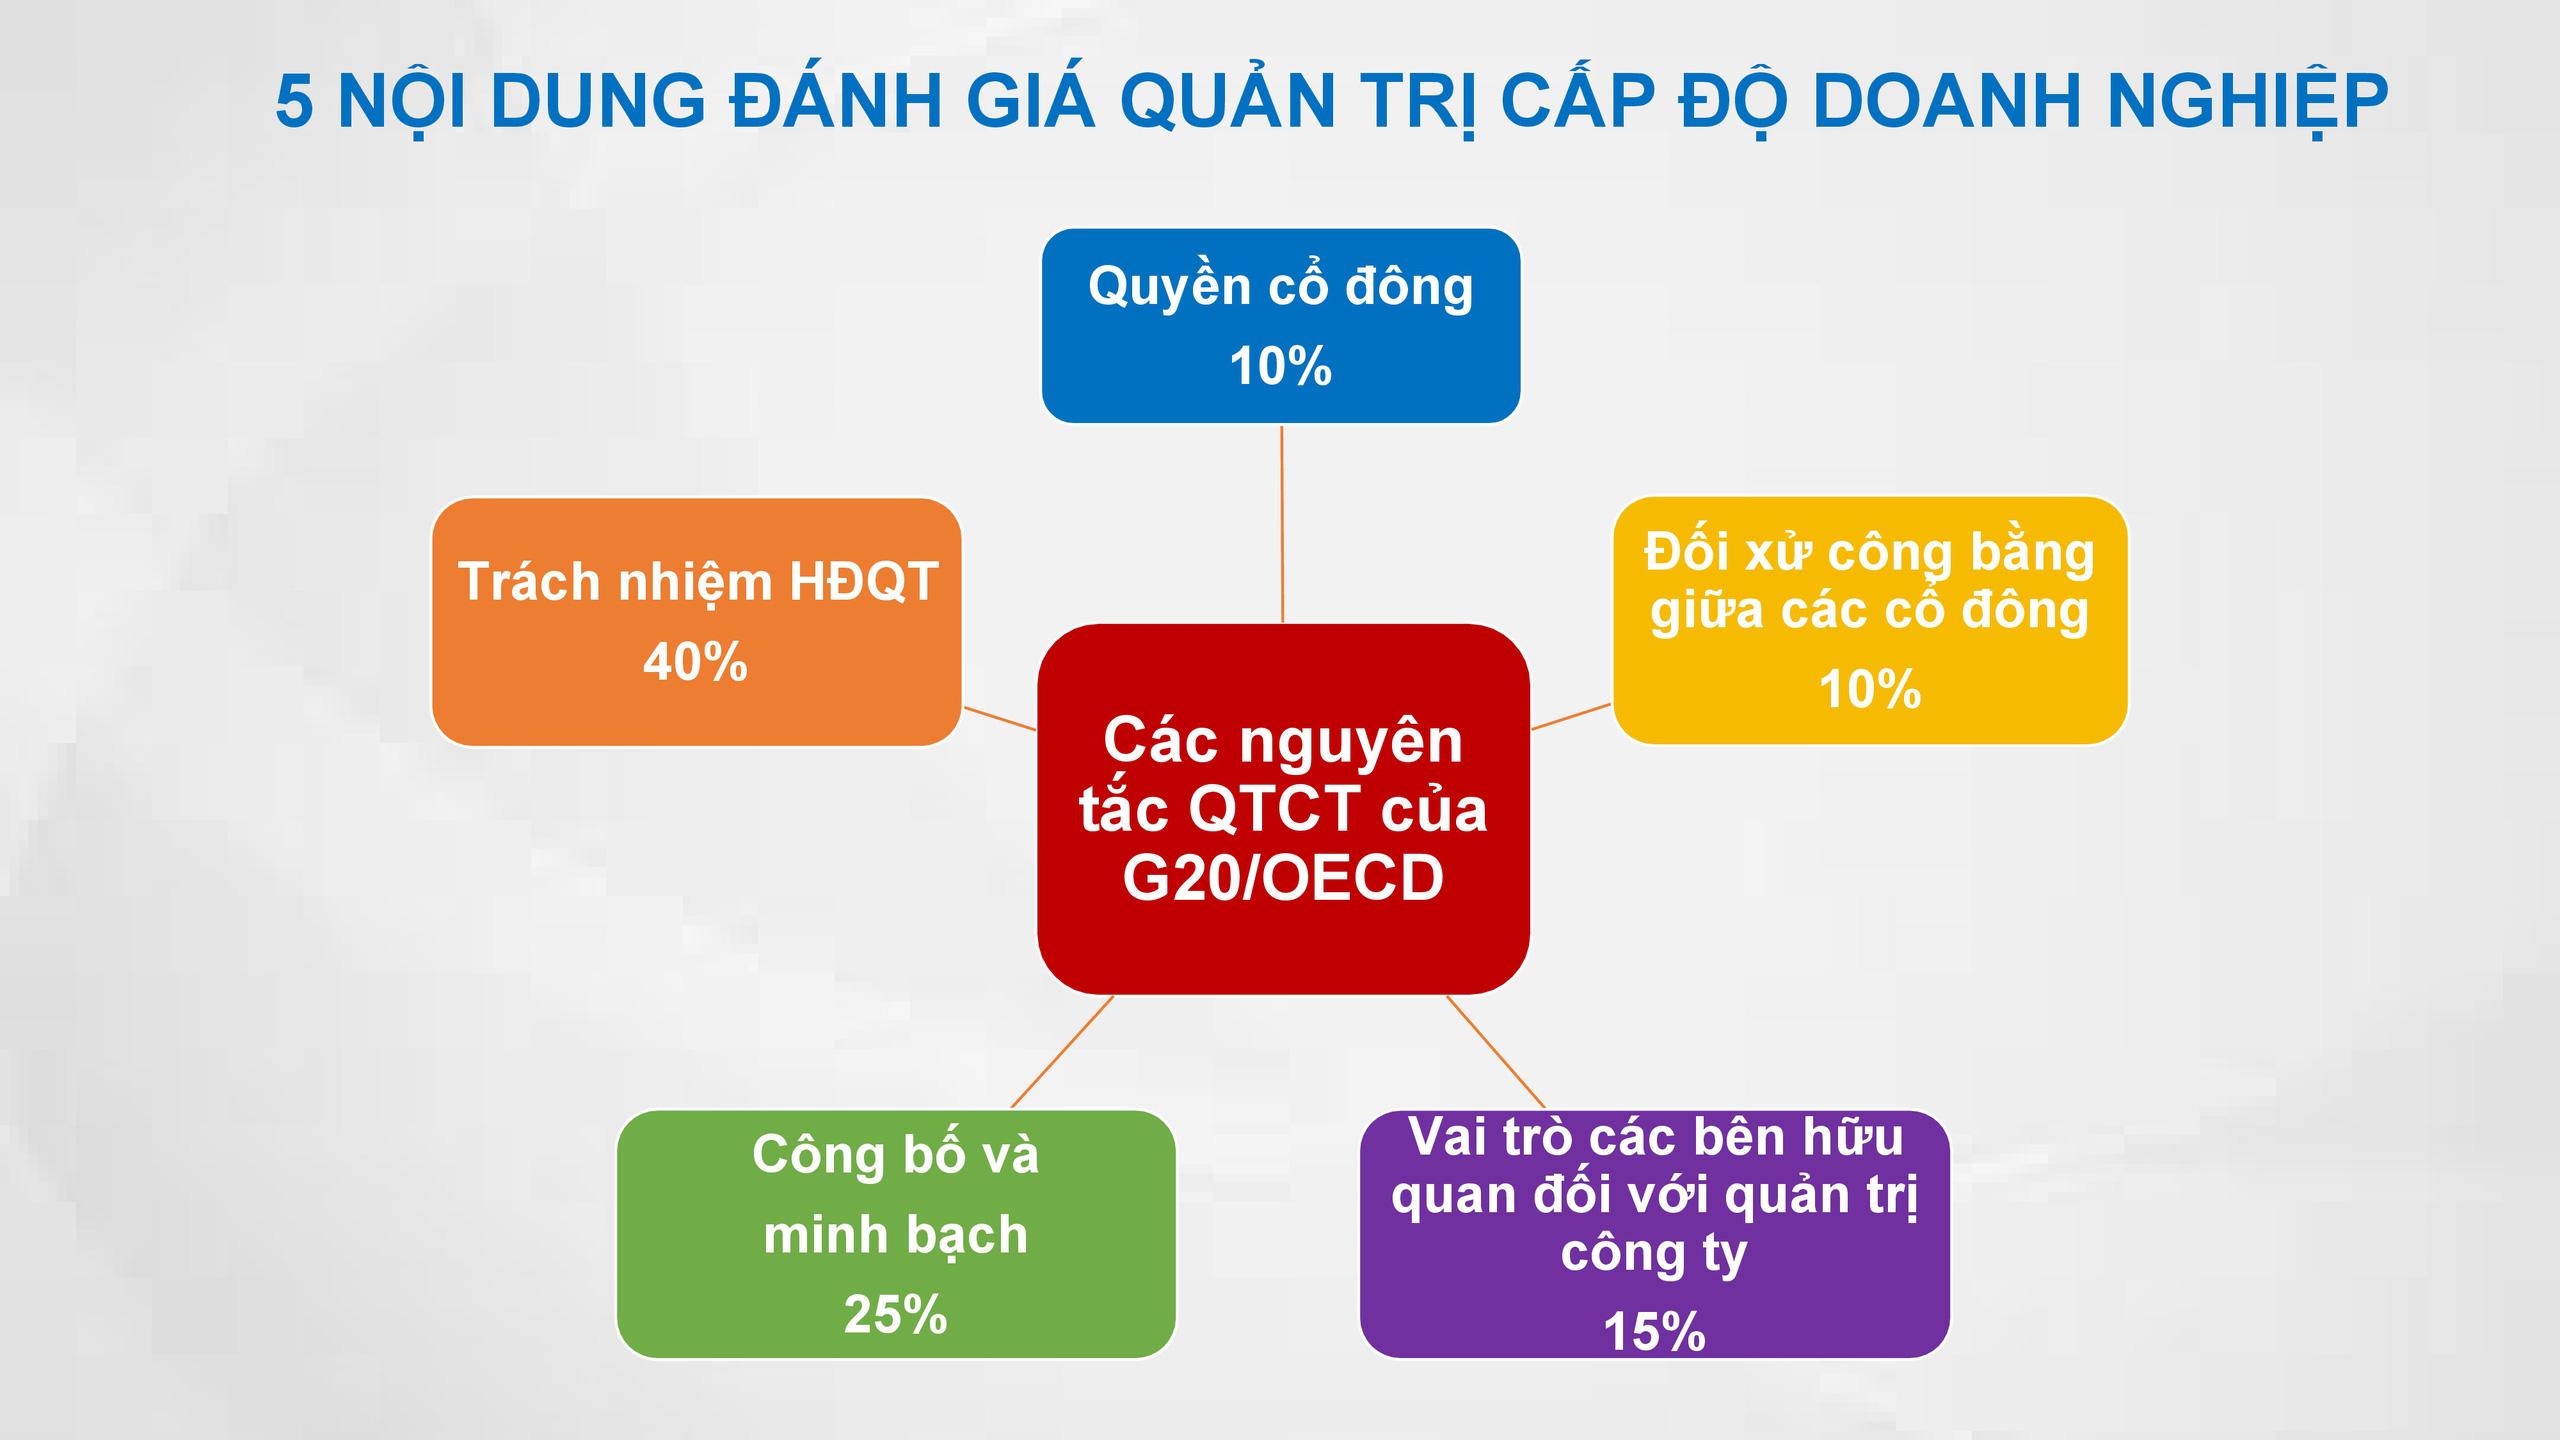 Vinamilk dẫn đầu tại Việt Nam và thuộc top Asean về quản trị công ty - Ảnh 2.